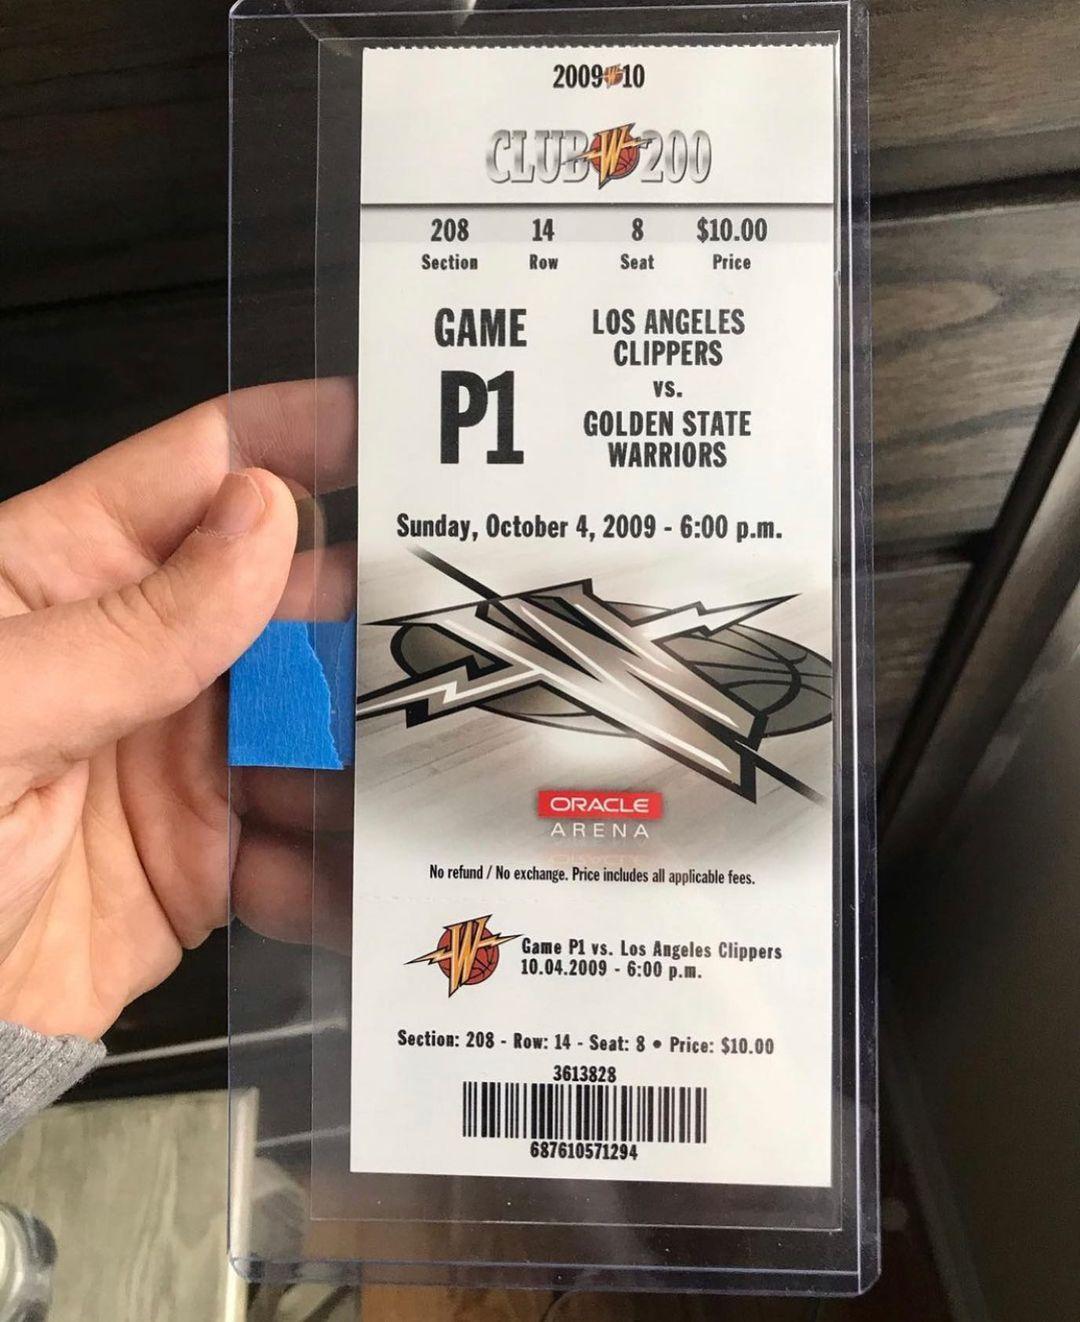 网友晒出收藏的库里生涯首秀球票,售价仅为10美元